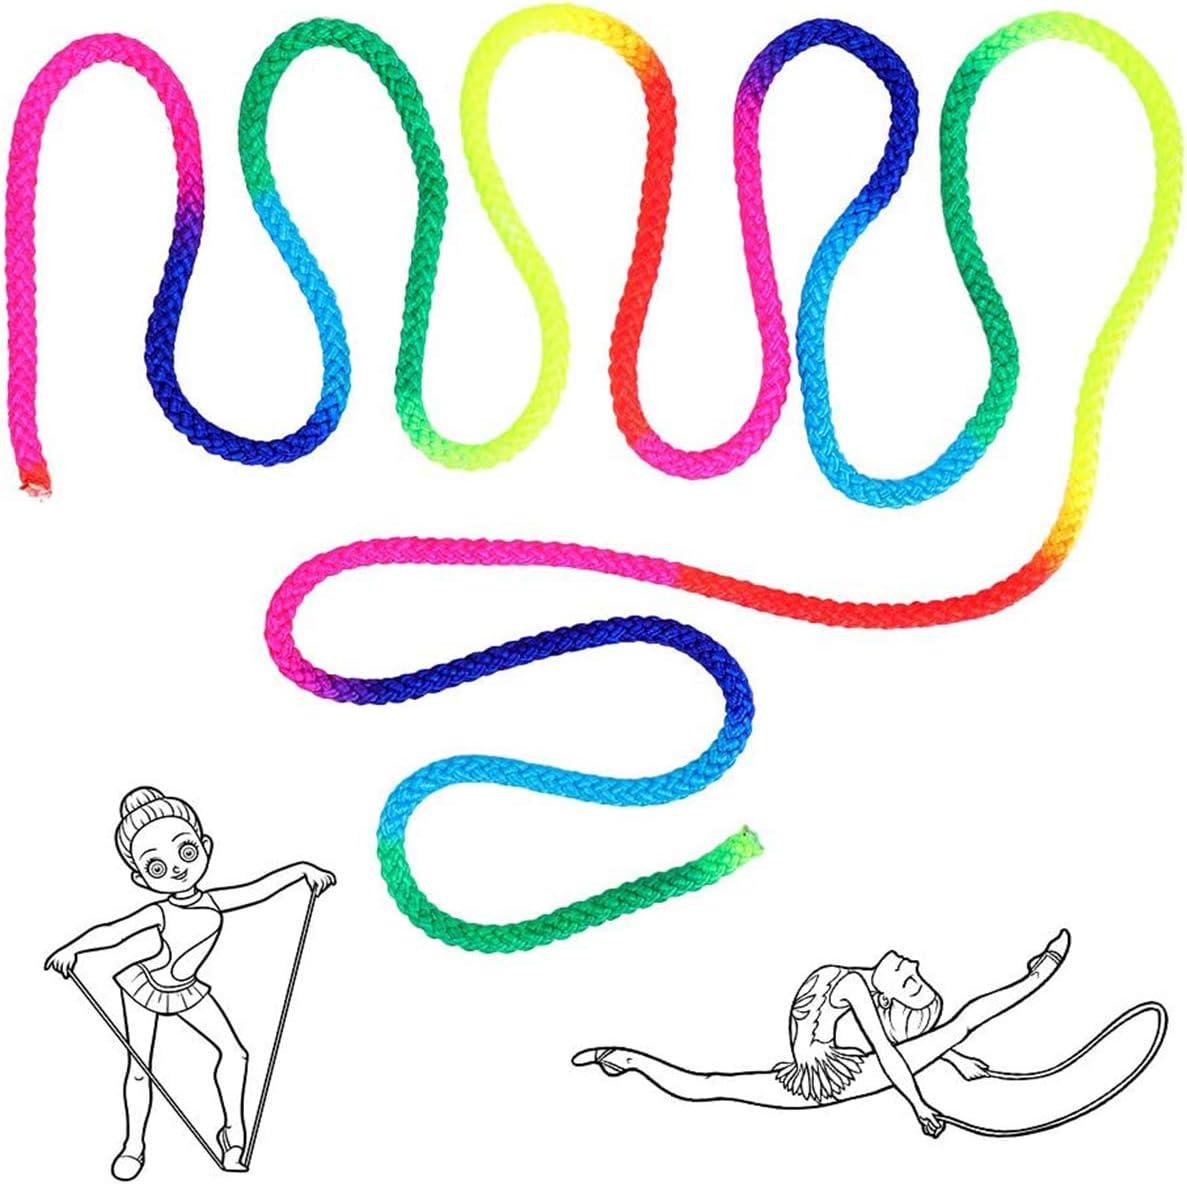 Counius Ginnastica Ritmica Corda Rainbow Color 300cm Formazione Competitiva Gioco Nylon Saltare Corda,3 Mini 40 cm Fitness Corda per Bambino Adulto Esercizi Aerobica